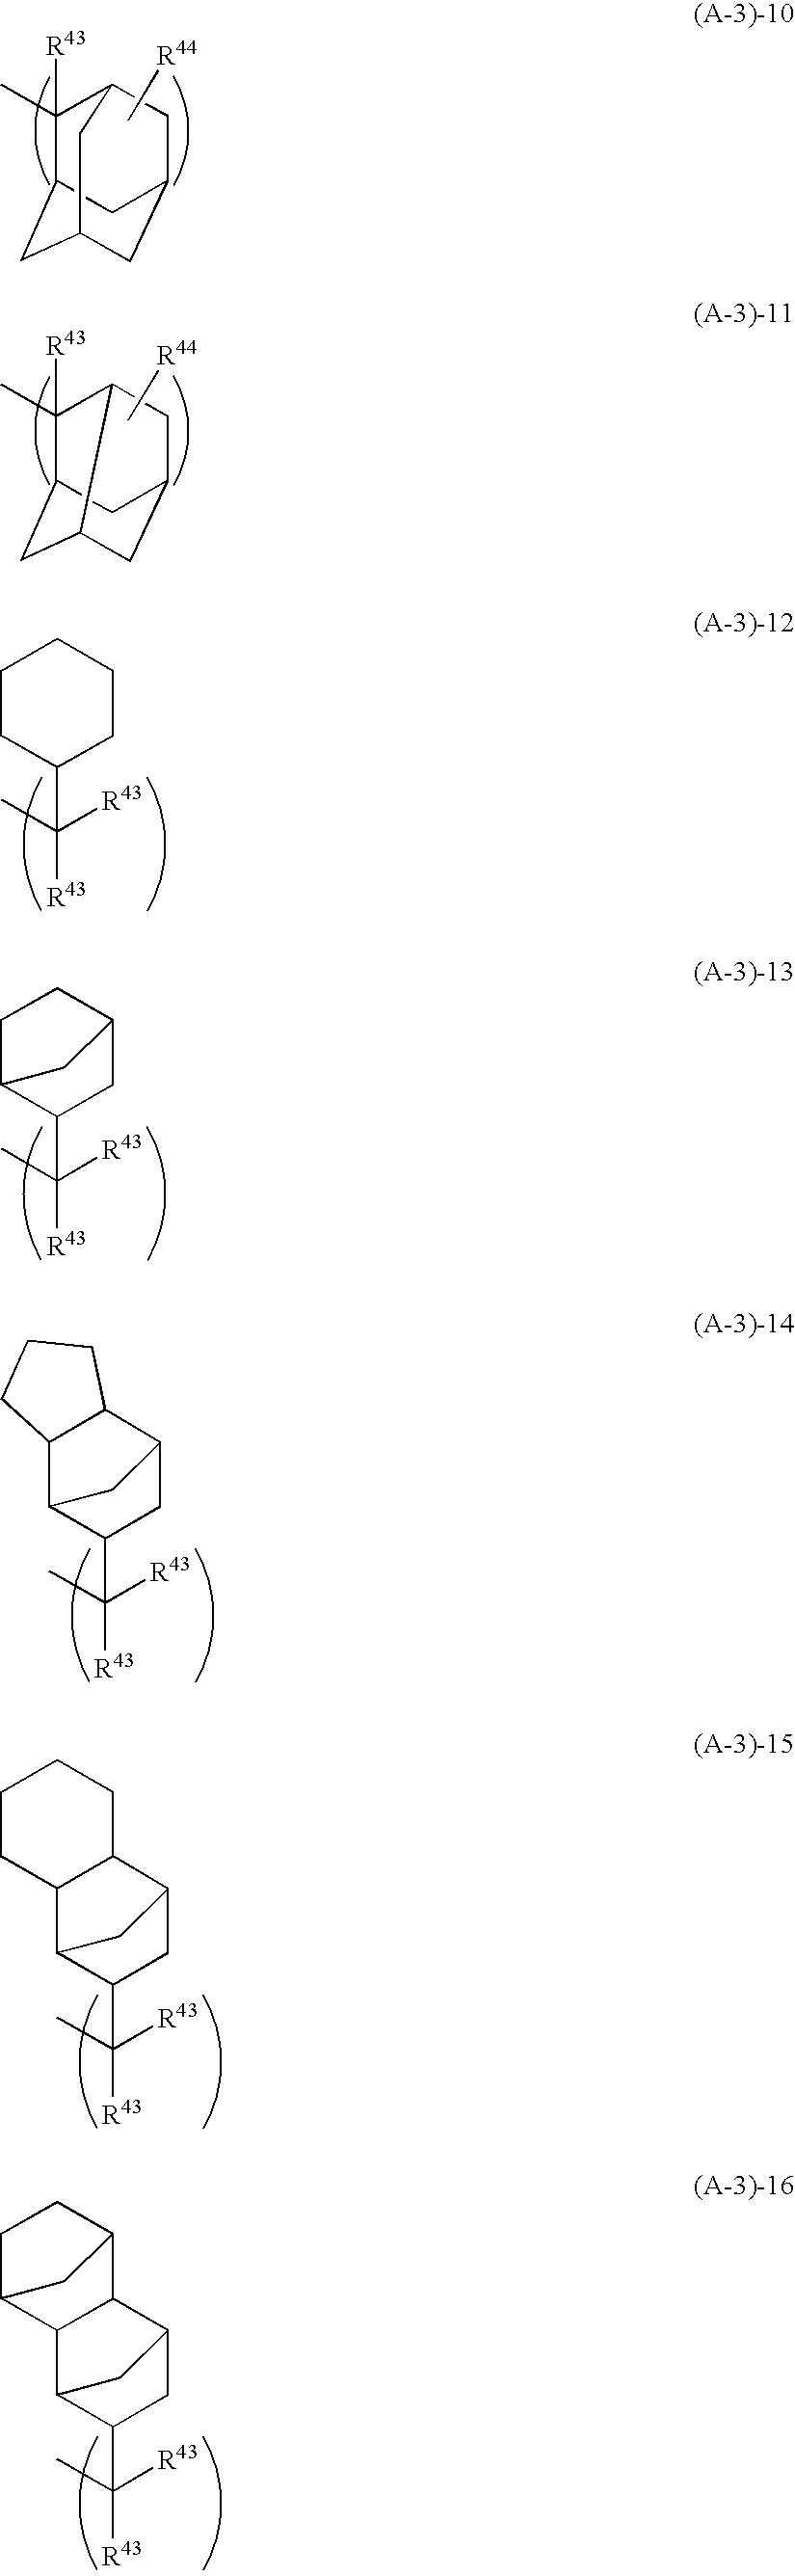 Figure US20080020289A1-20080124-C00020